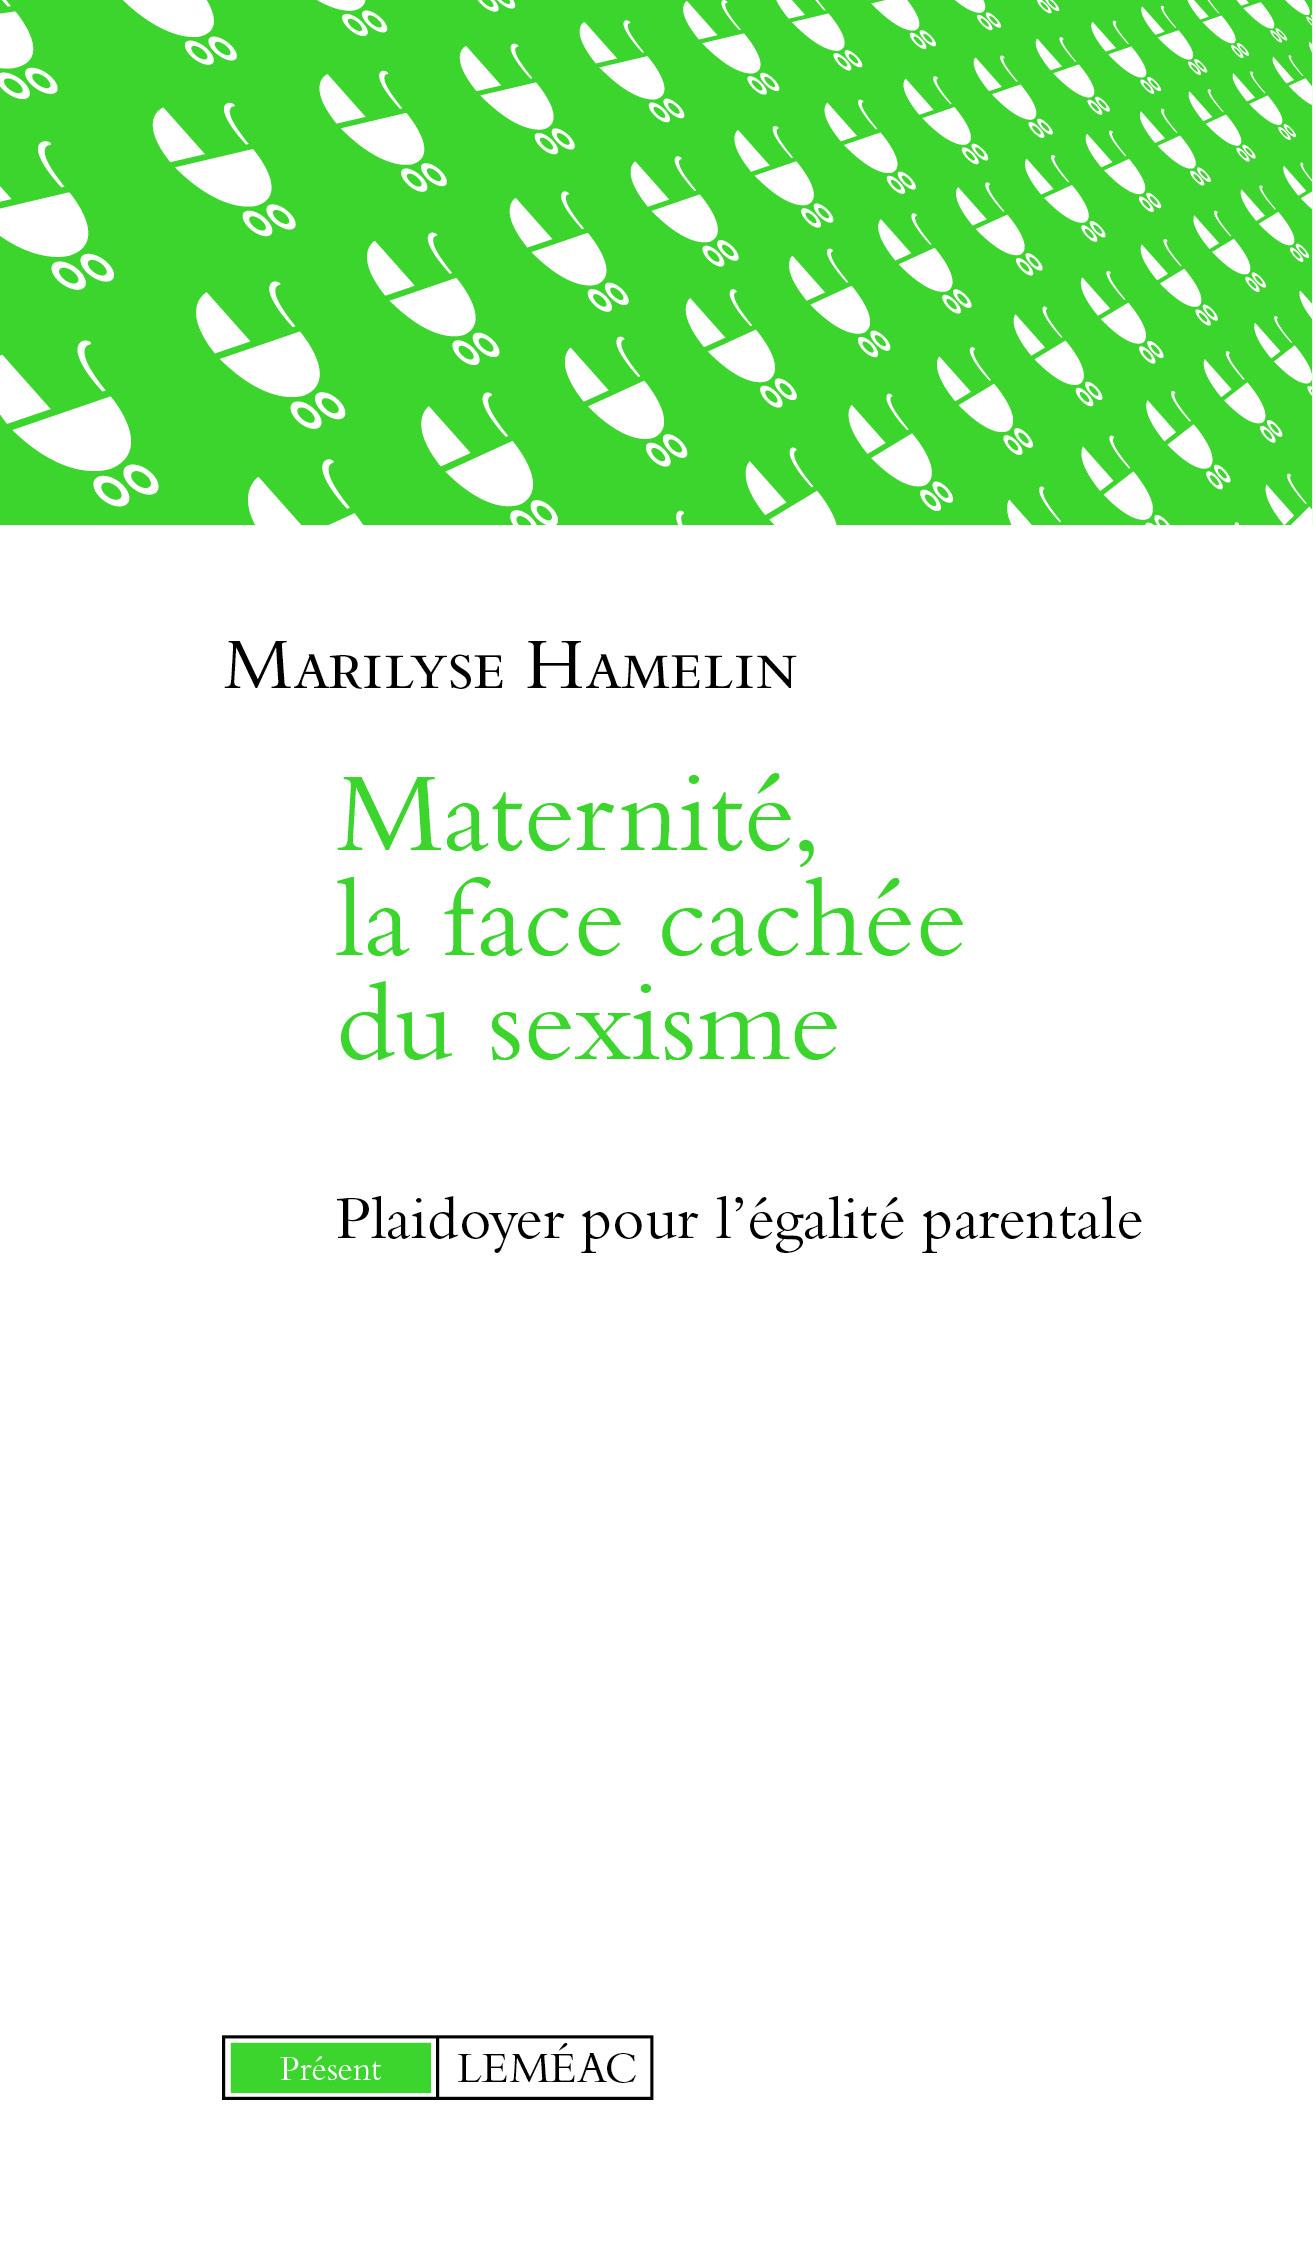 Le livre «Maternité, la face cachée du sexisme», un plaidoyer pour l'égalité